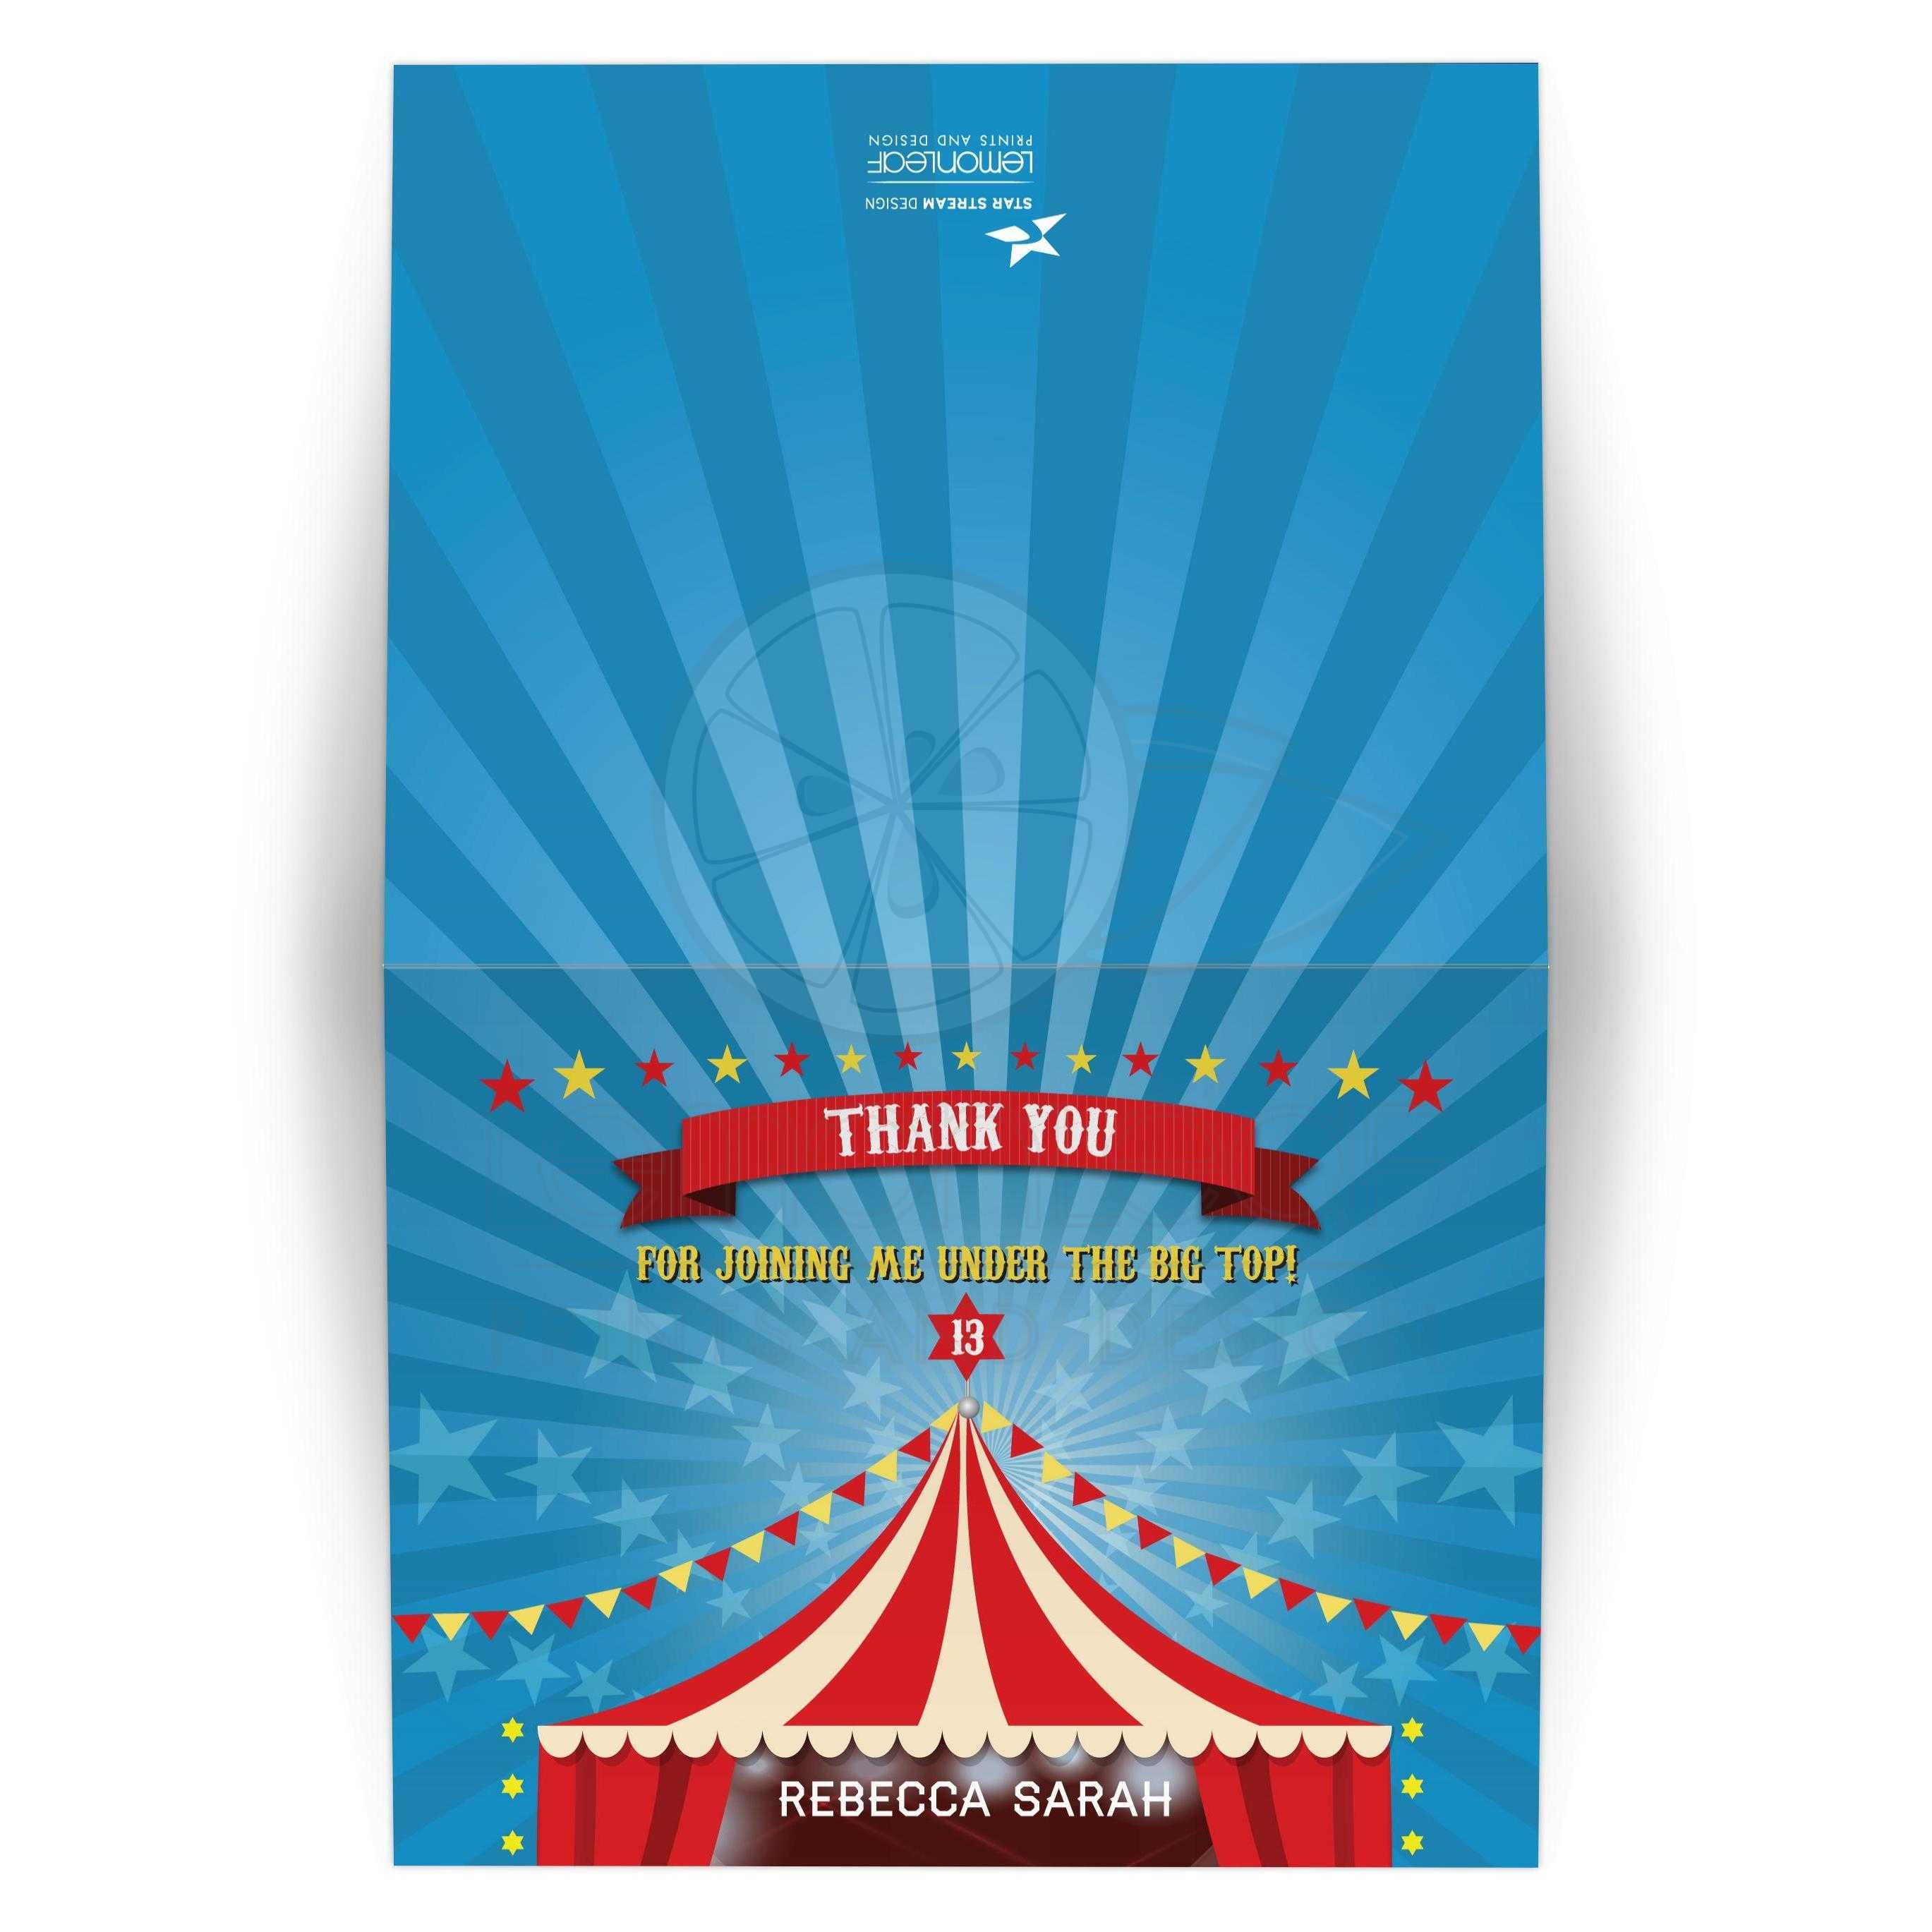 Bar Bat Mitzvah Folded Thank You Card Circus Carnival Big Top